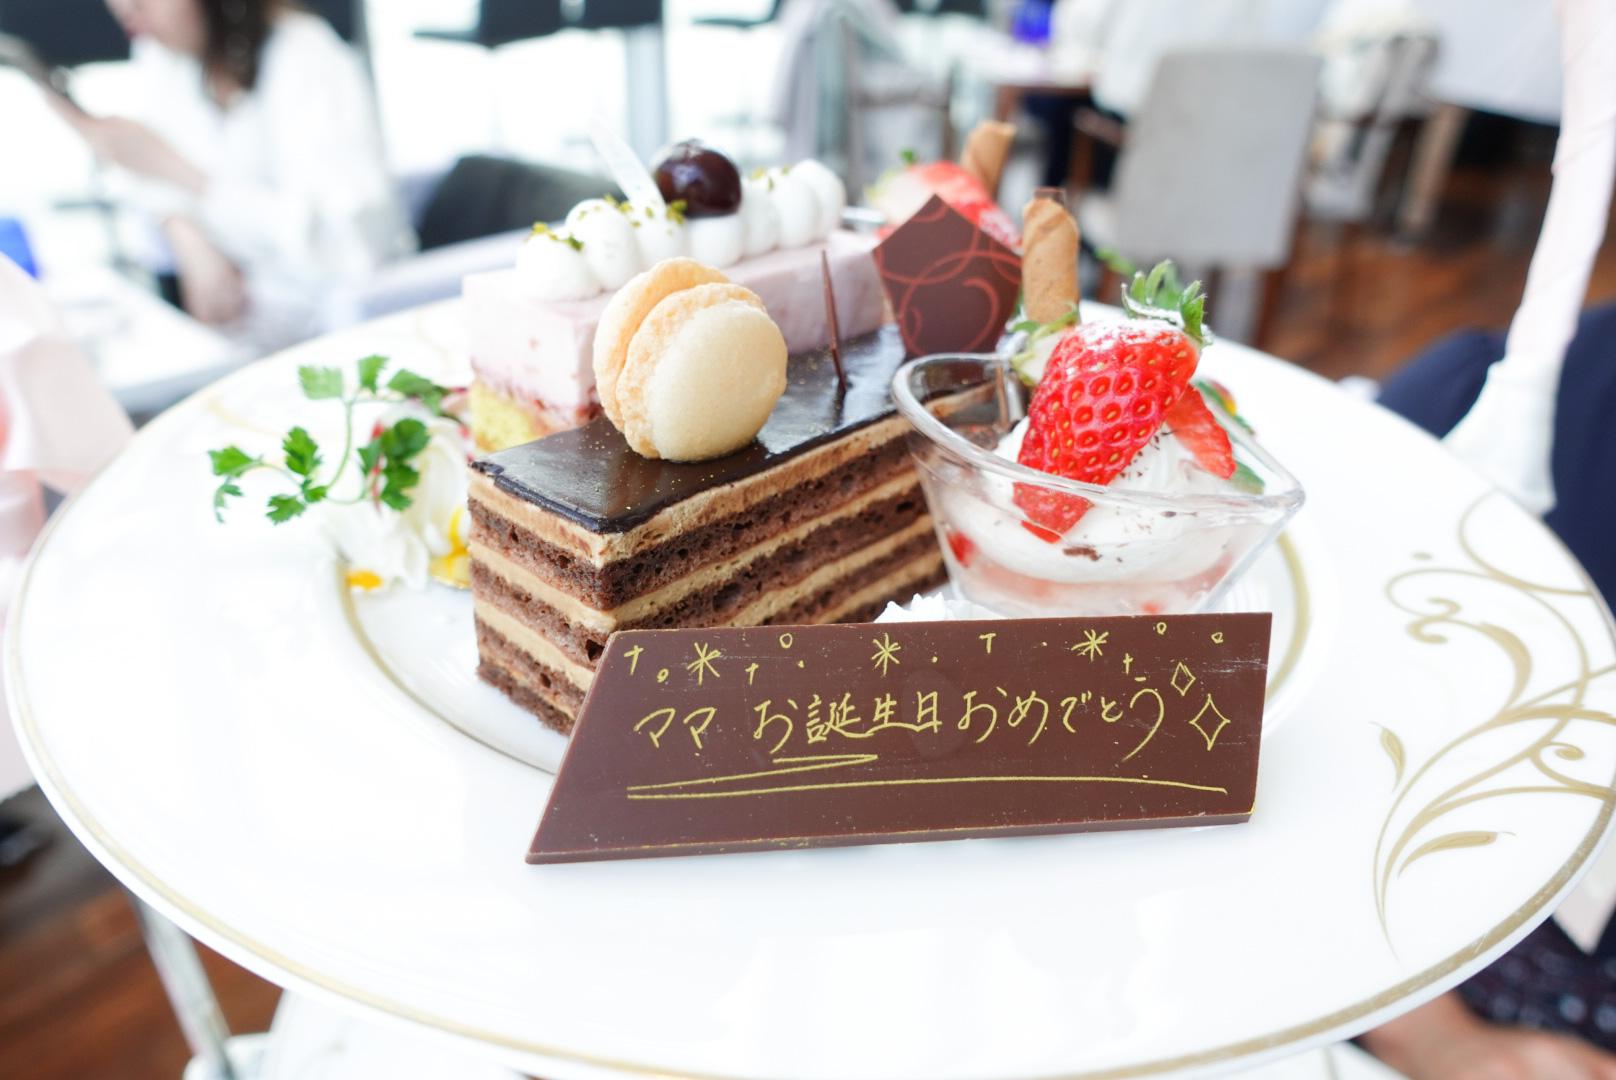 ドラマ半沢直樹のロケ地!?大阪にあるThe Grand Cafeでアフタヌーンティーをしたらとても眺望が良かった!甘いものばかりではないので男性にもおすすめ★_2